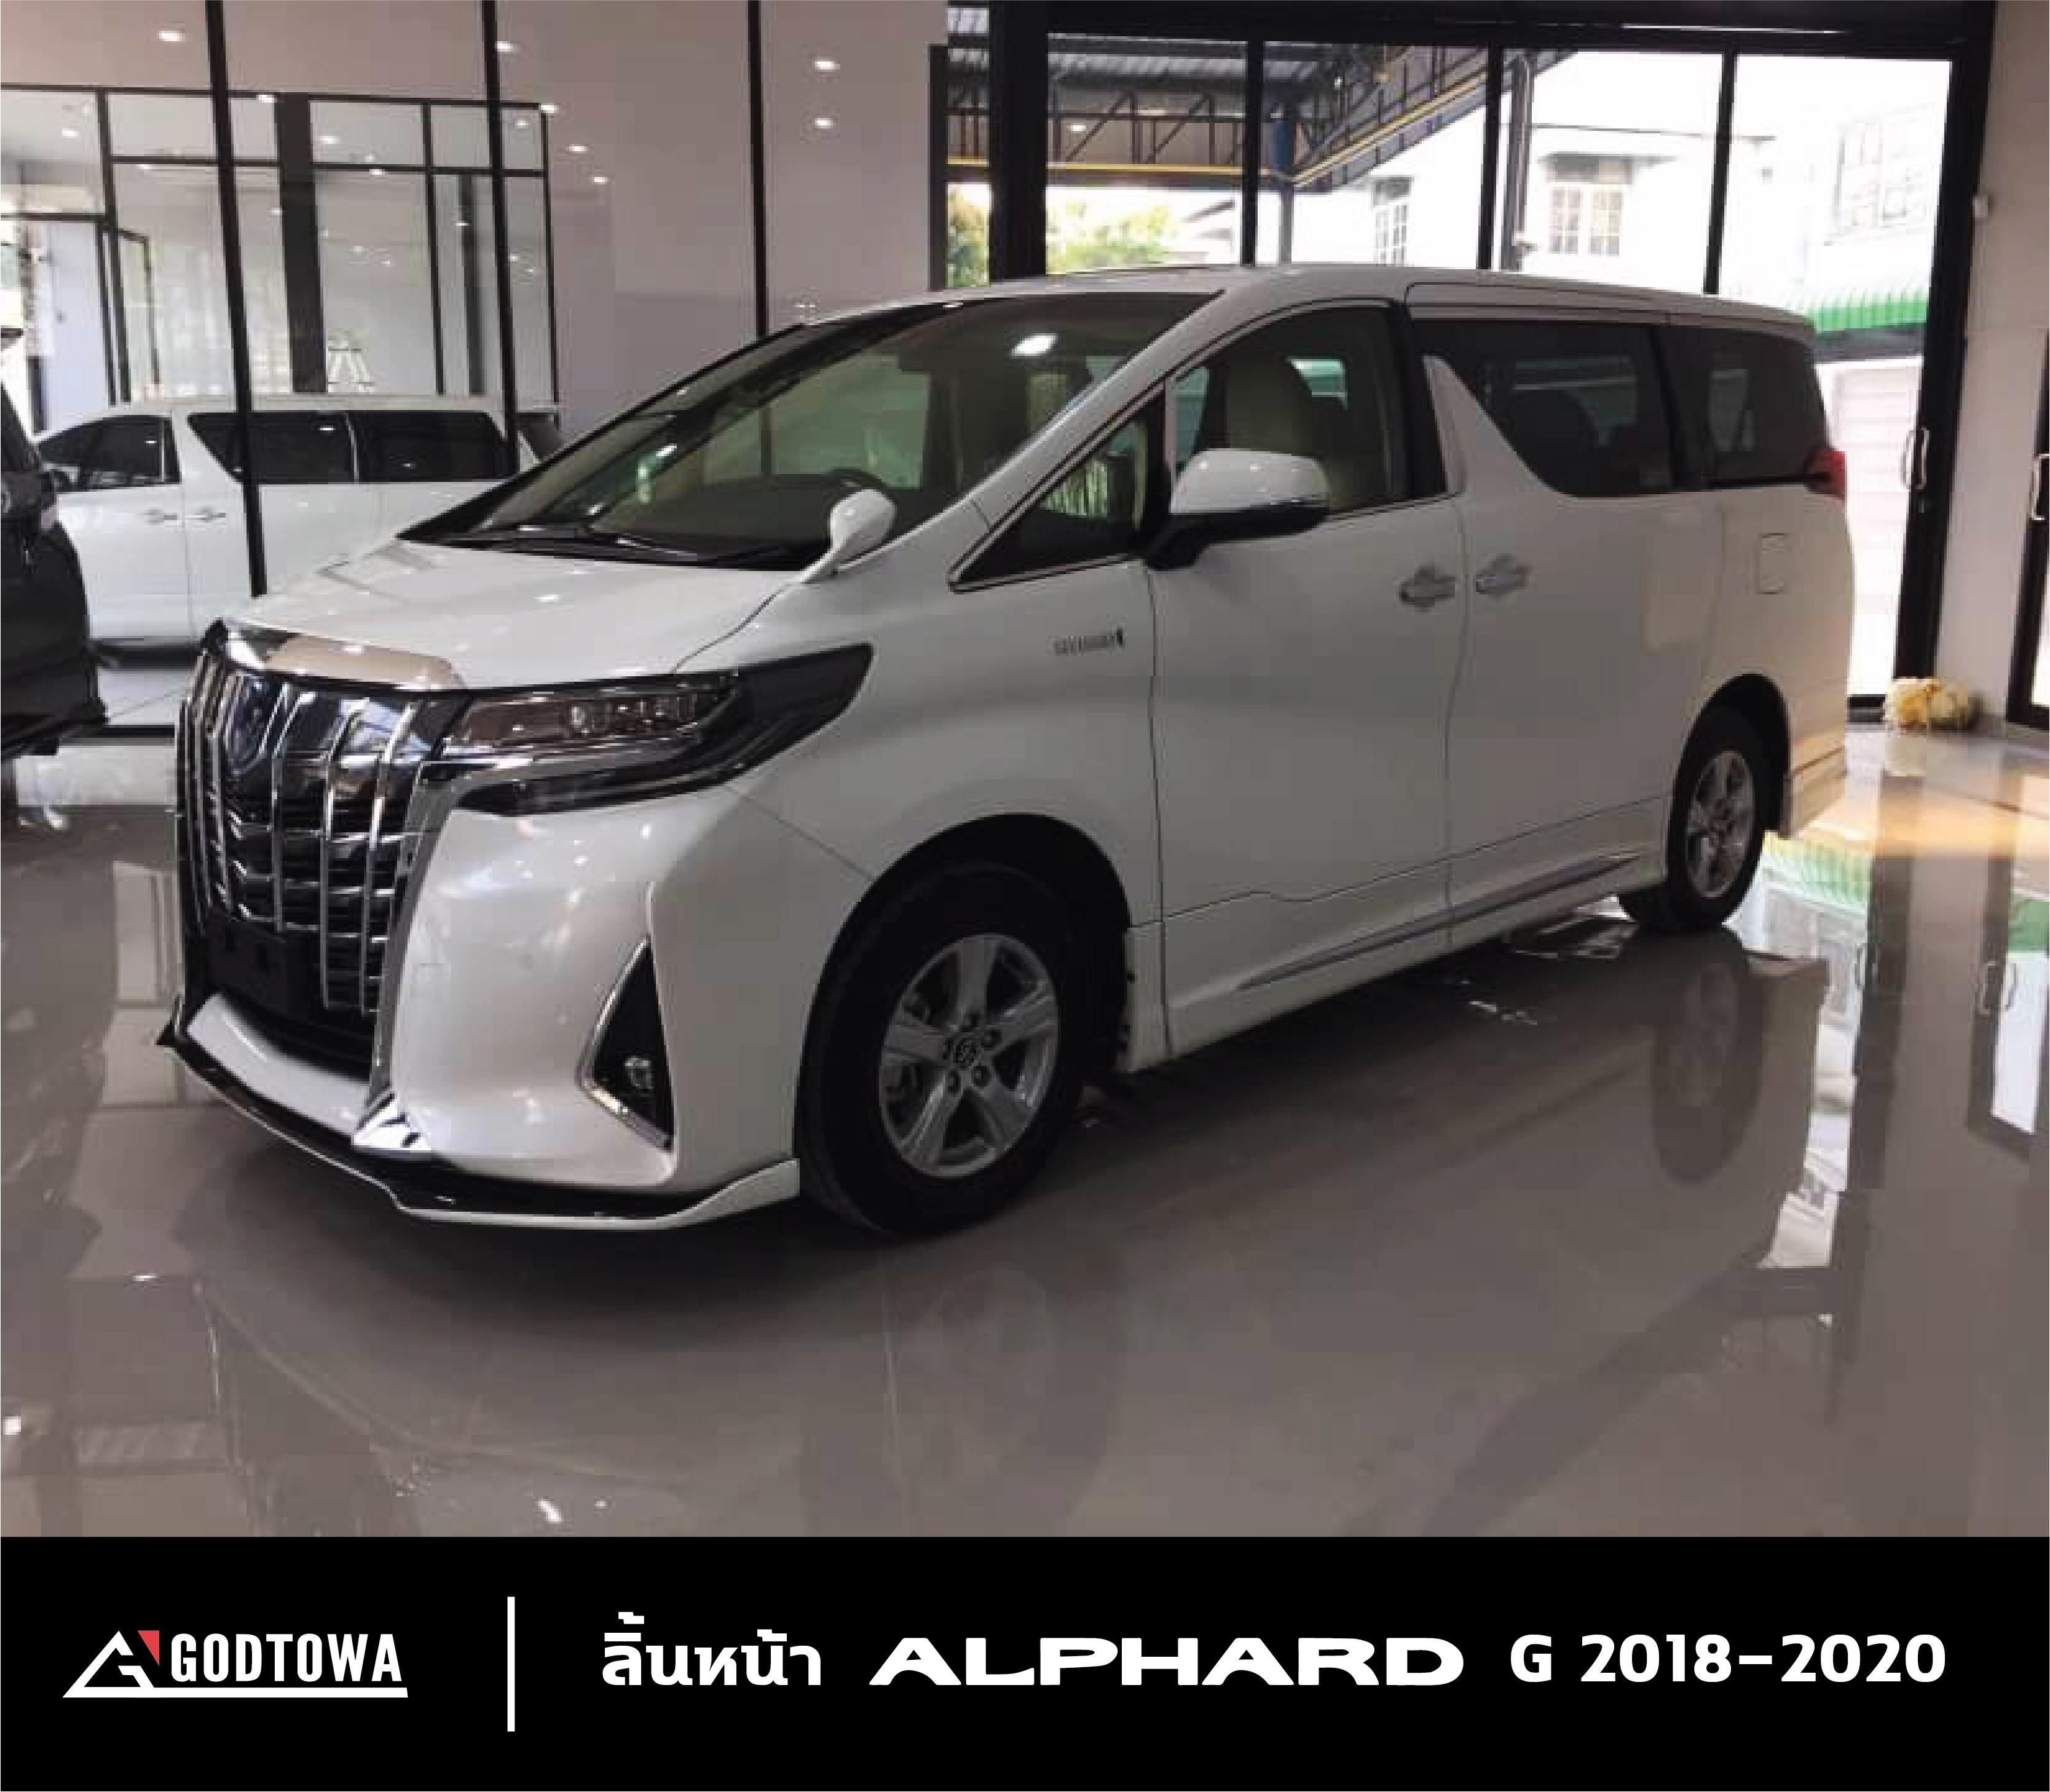 ลิ้นหน้า ALPHARD G 30 2018-2020